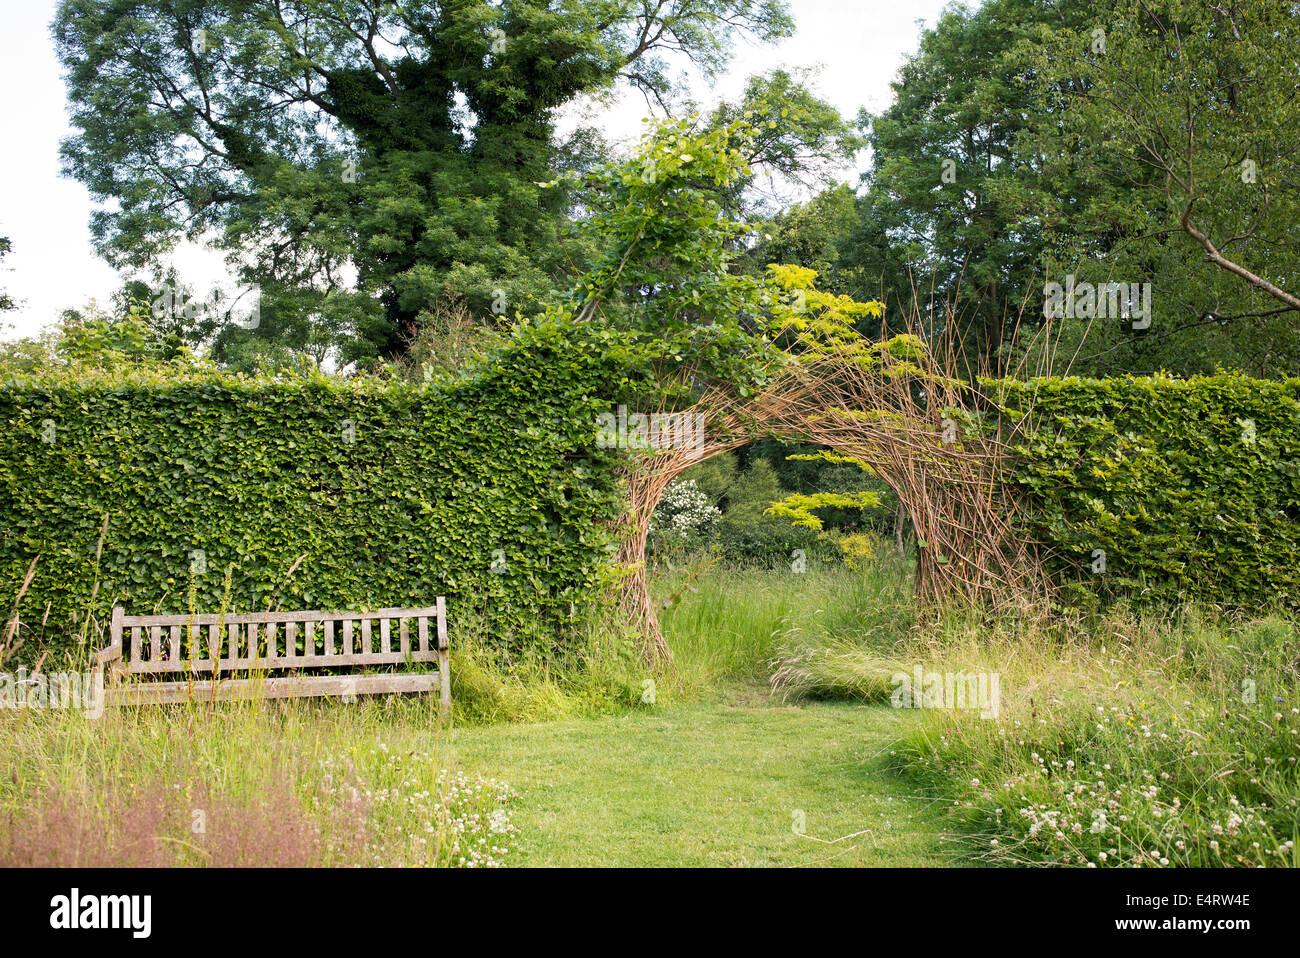 Willow Archway dividendo una siepe su giardino percorso ad RHS Harlow Carr. Harrogate, Inghilterra Immagini Stock